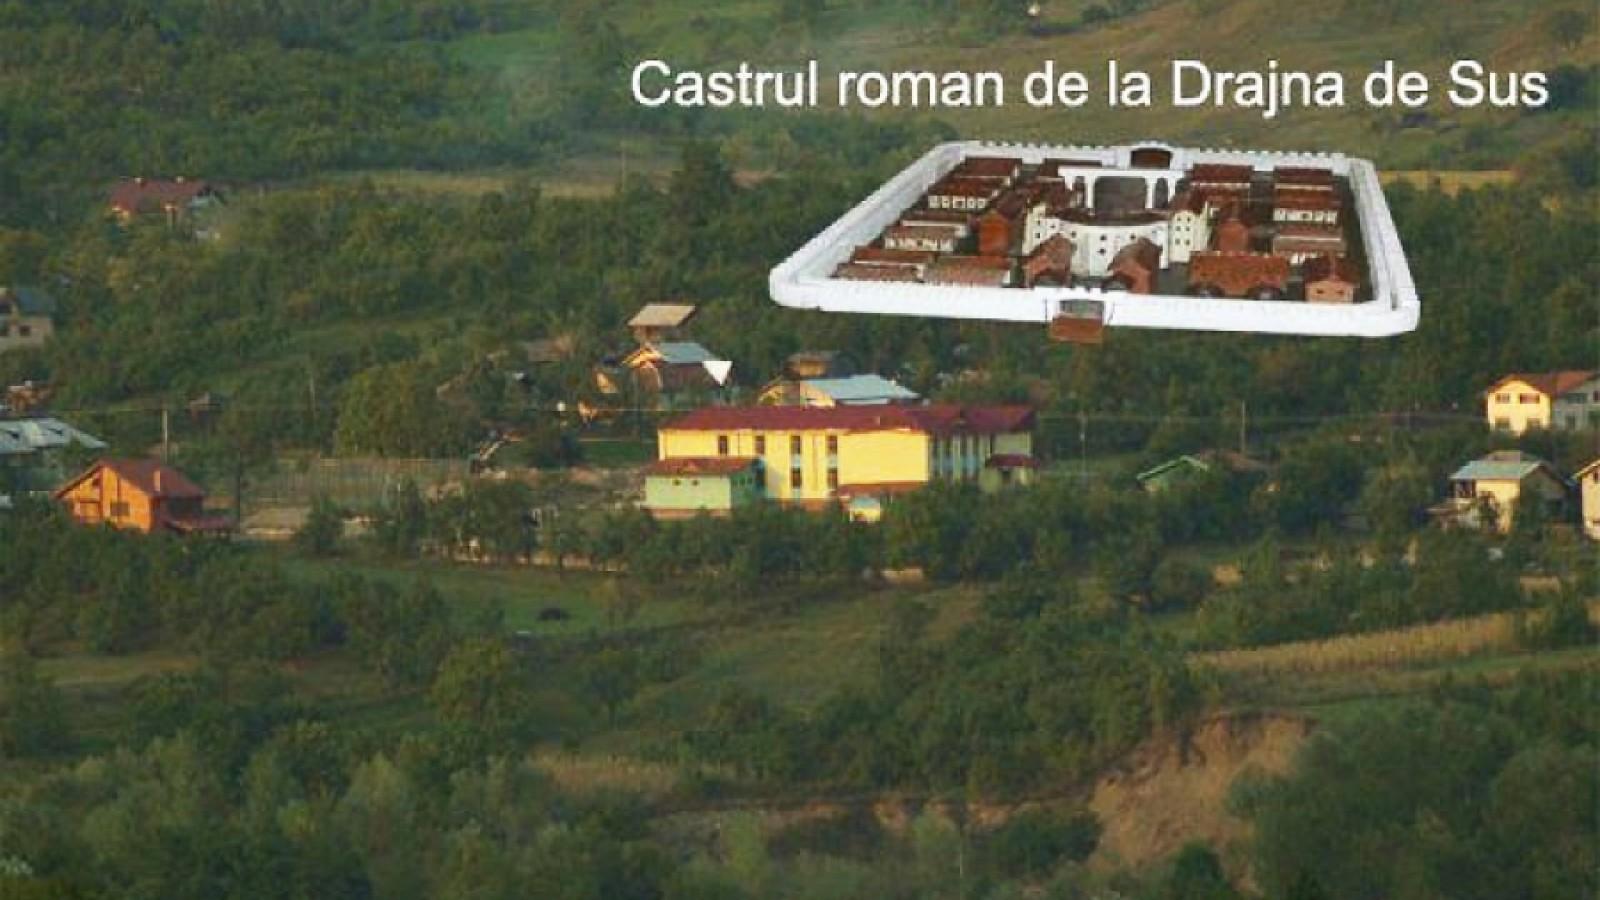 Castrul roman de la Drajna de Sus